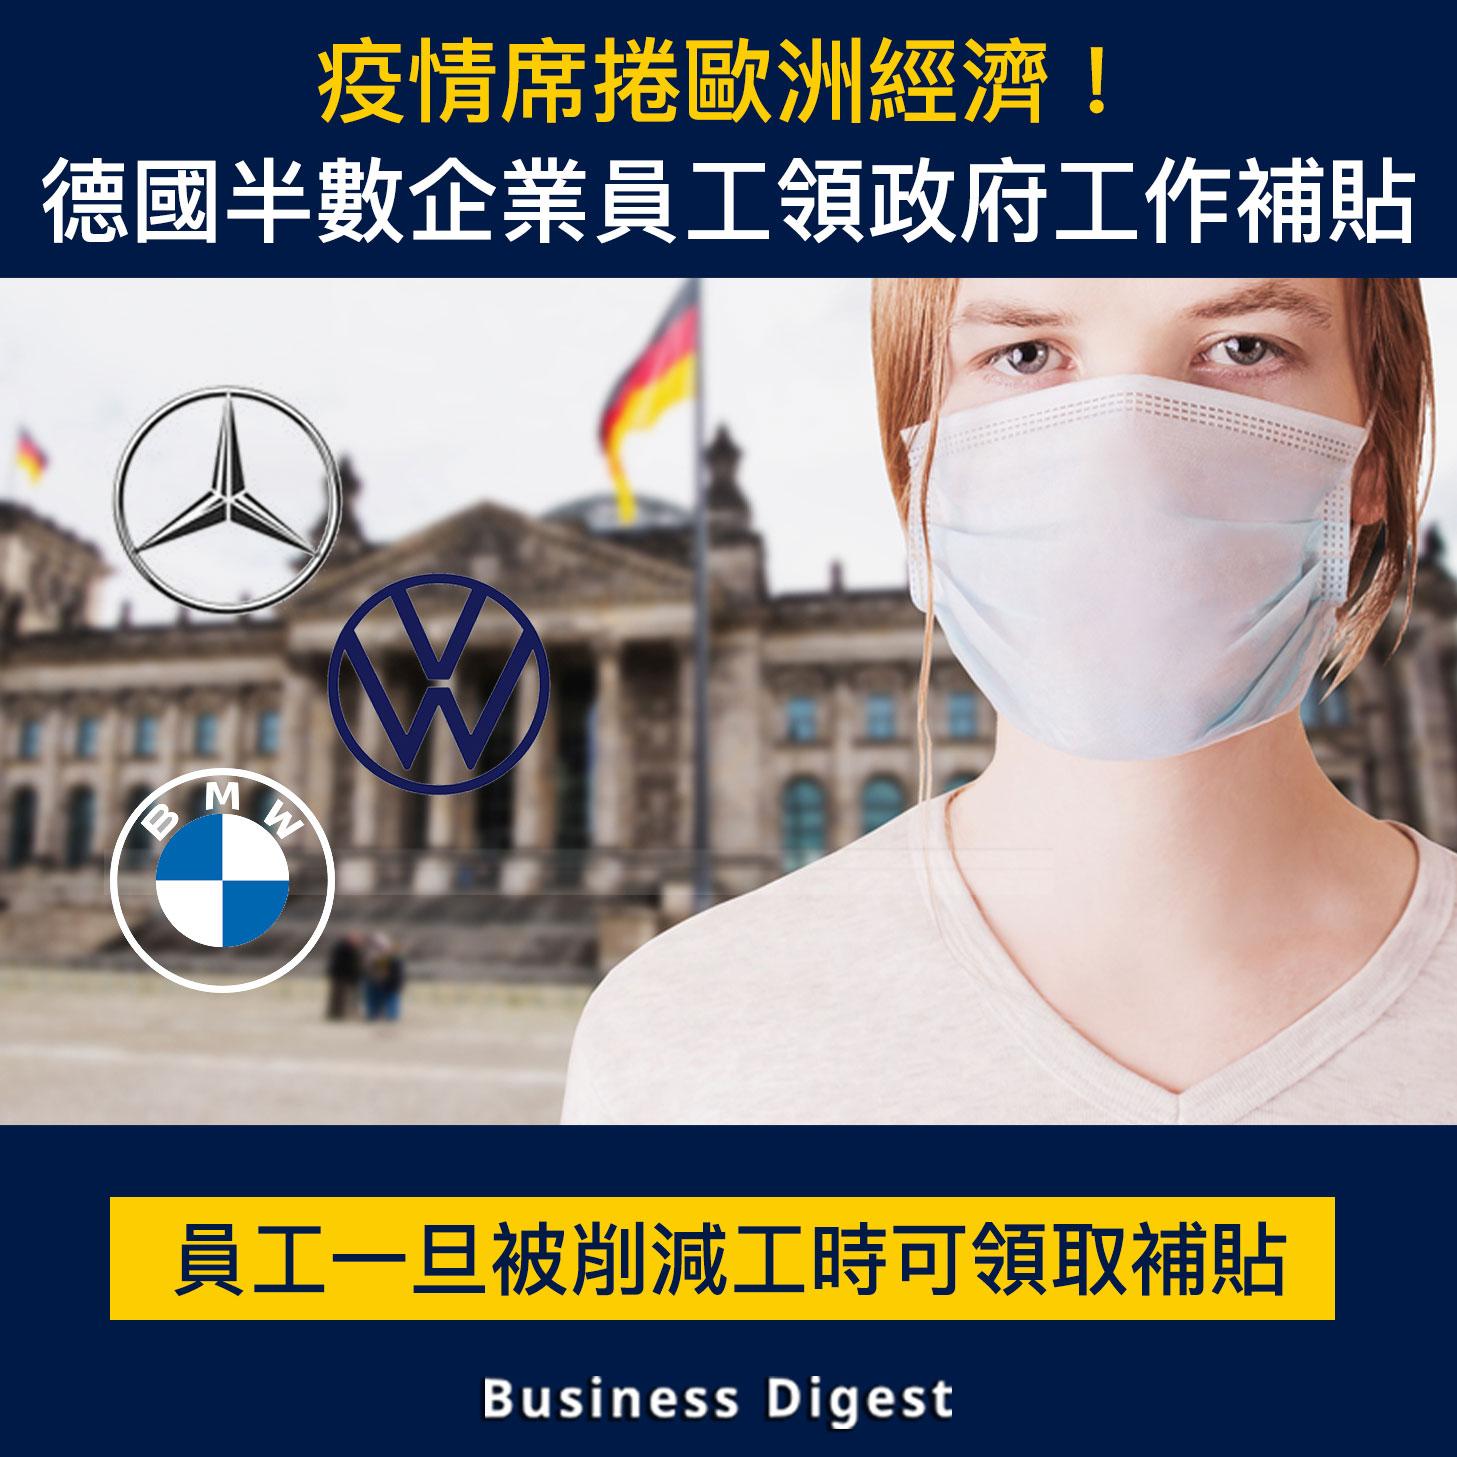 【商業熱話】疫情席捲歐洲經濟!德國半數企業員工領政府工作補貼